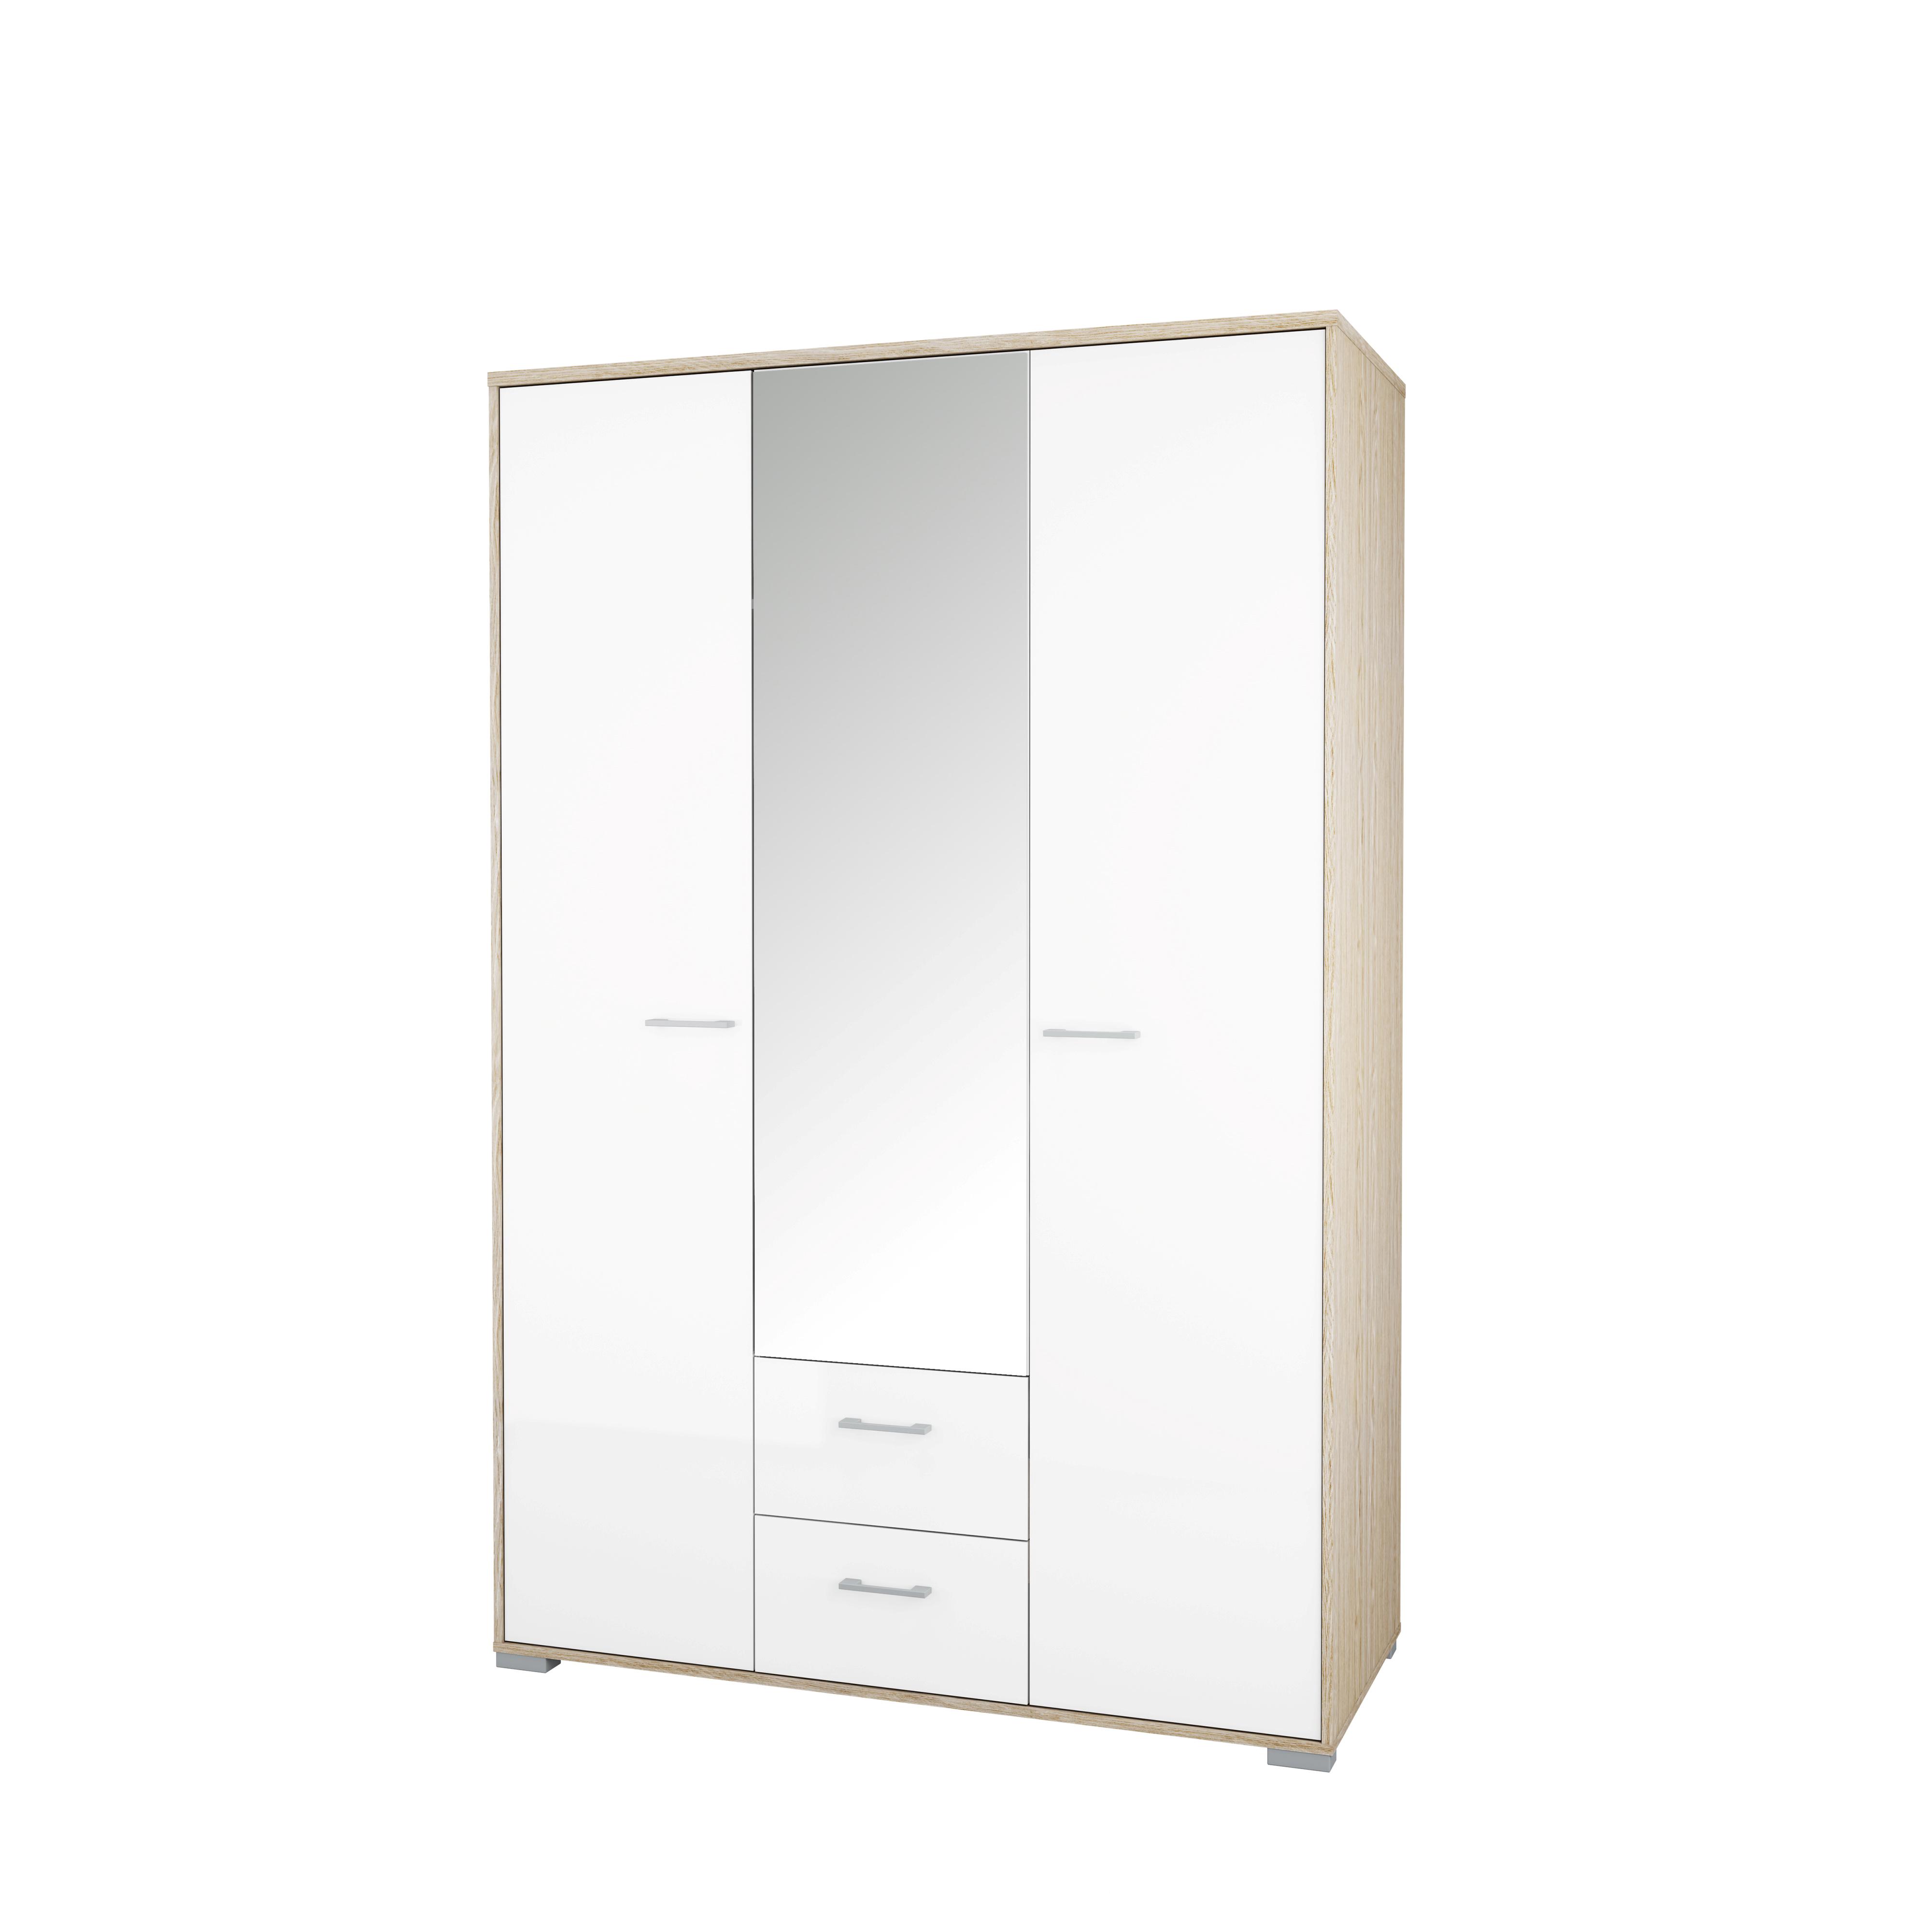 Homeline garderobe skab spejl 3 lger 2 skuffer for Homeline dekoration